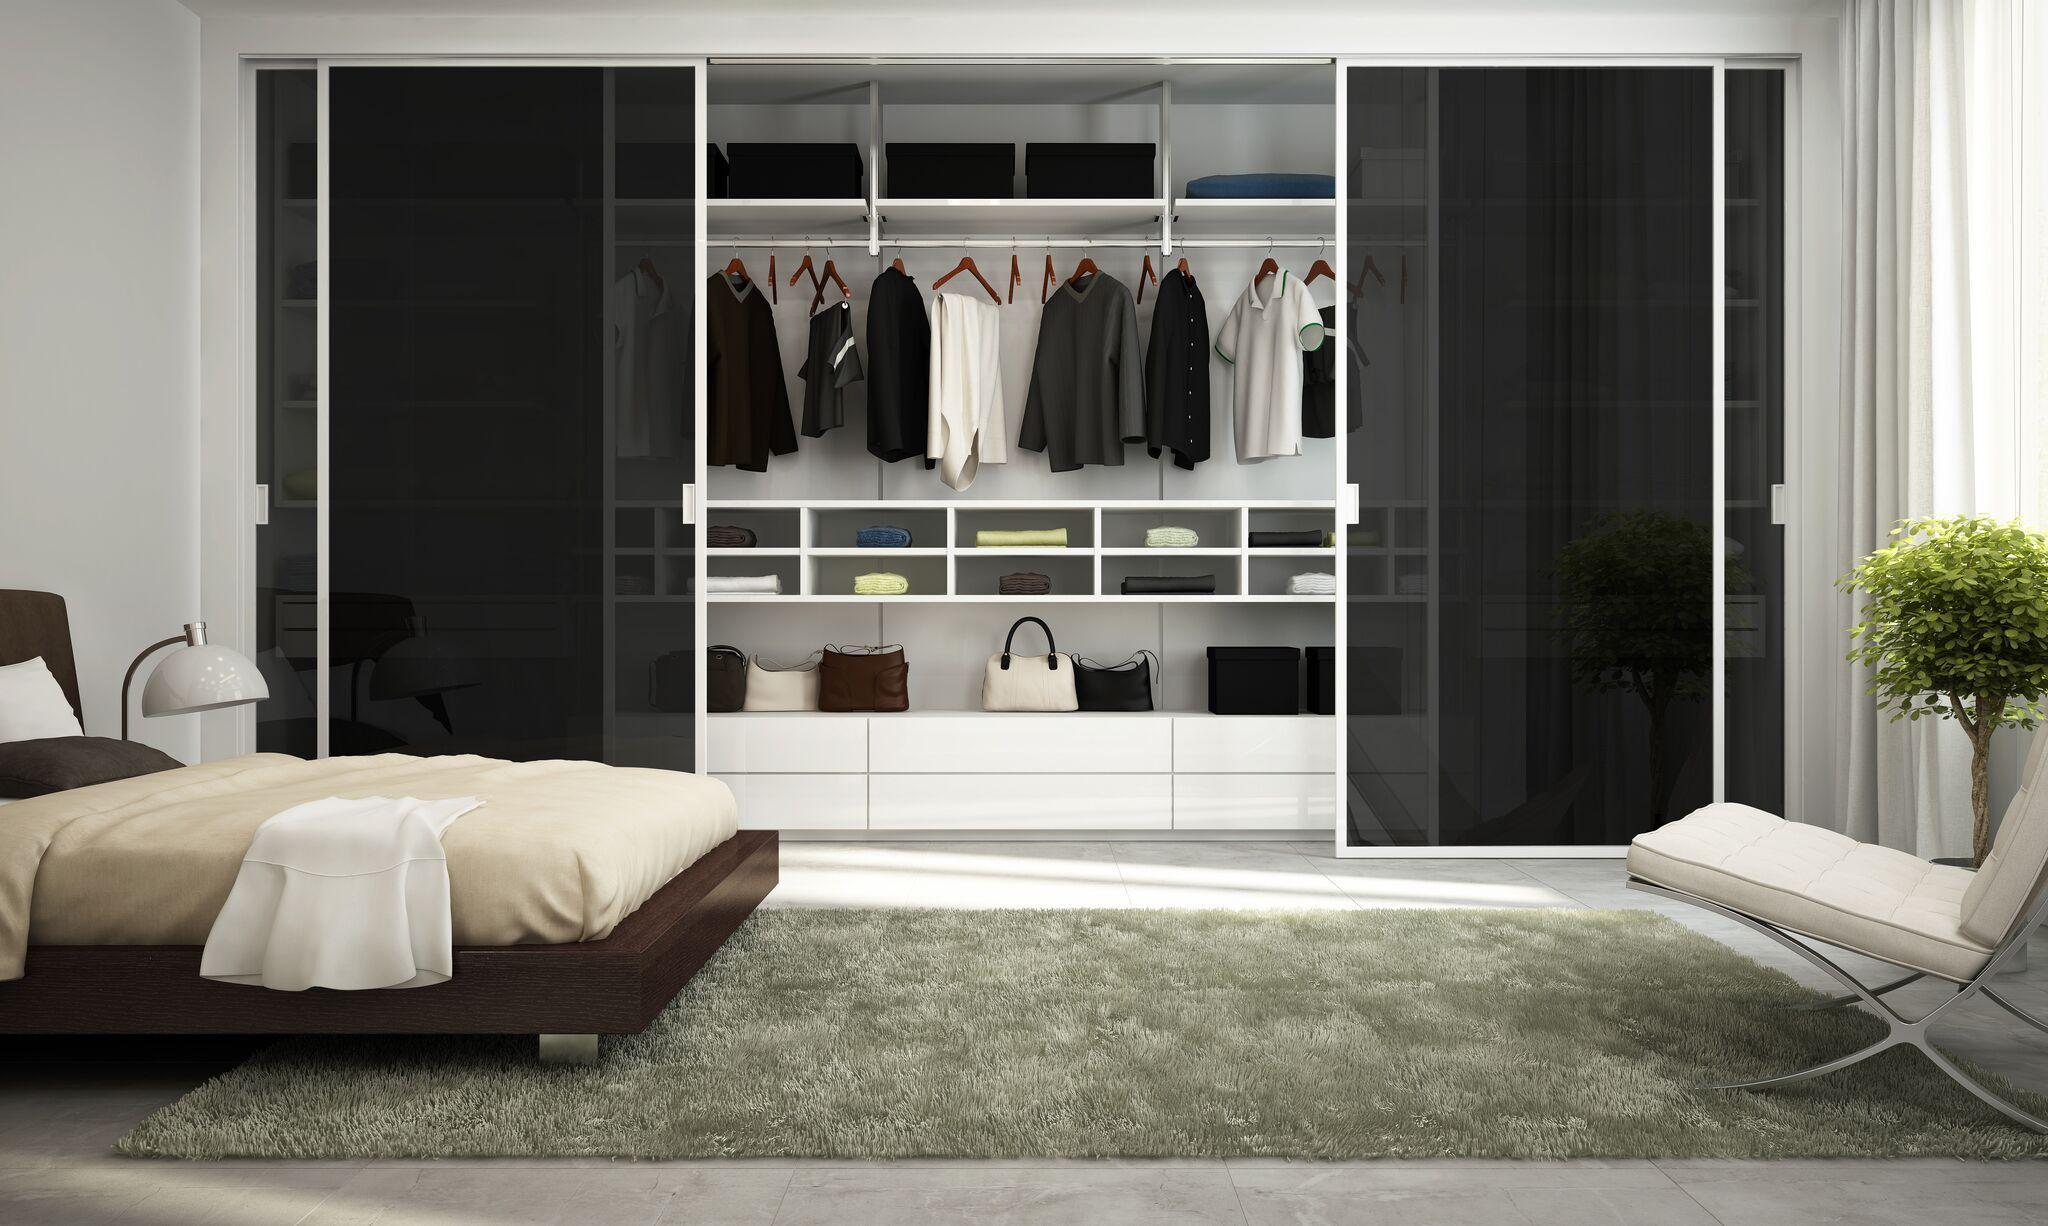 Egal Ob Glasturen Glastreppen Oder Glasmobel Elemente Aus Glas Verschaffen Ihrem Zuhause Einen Strahlend Minimalistischer Raum Home Interior Inneneinrichtung